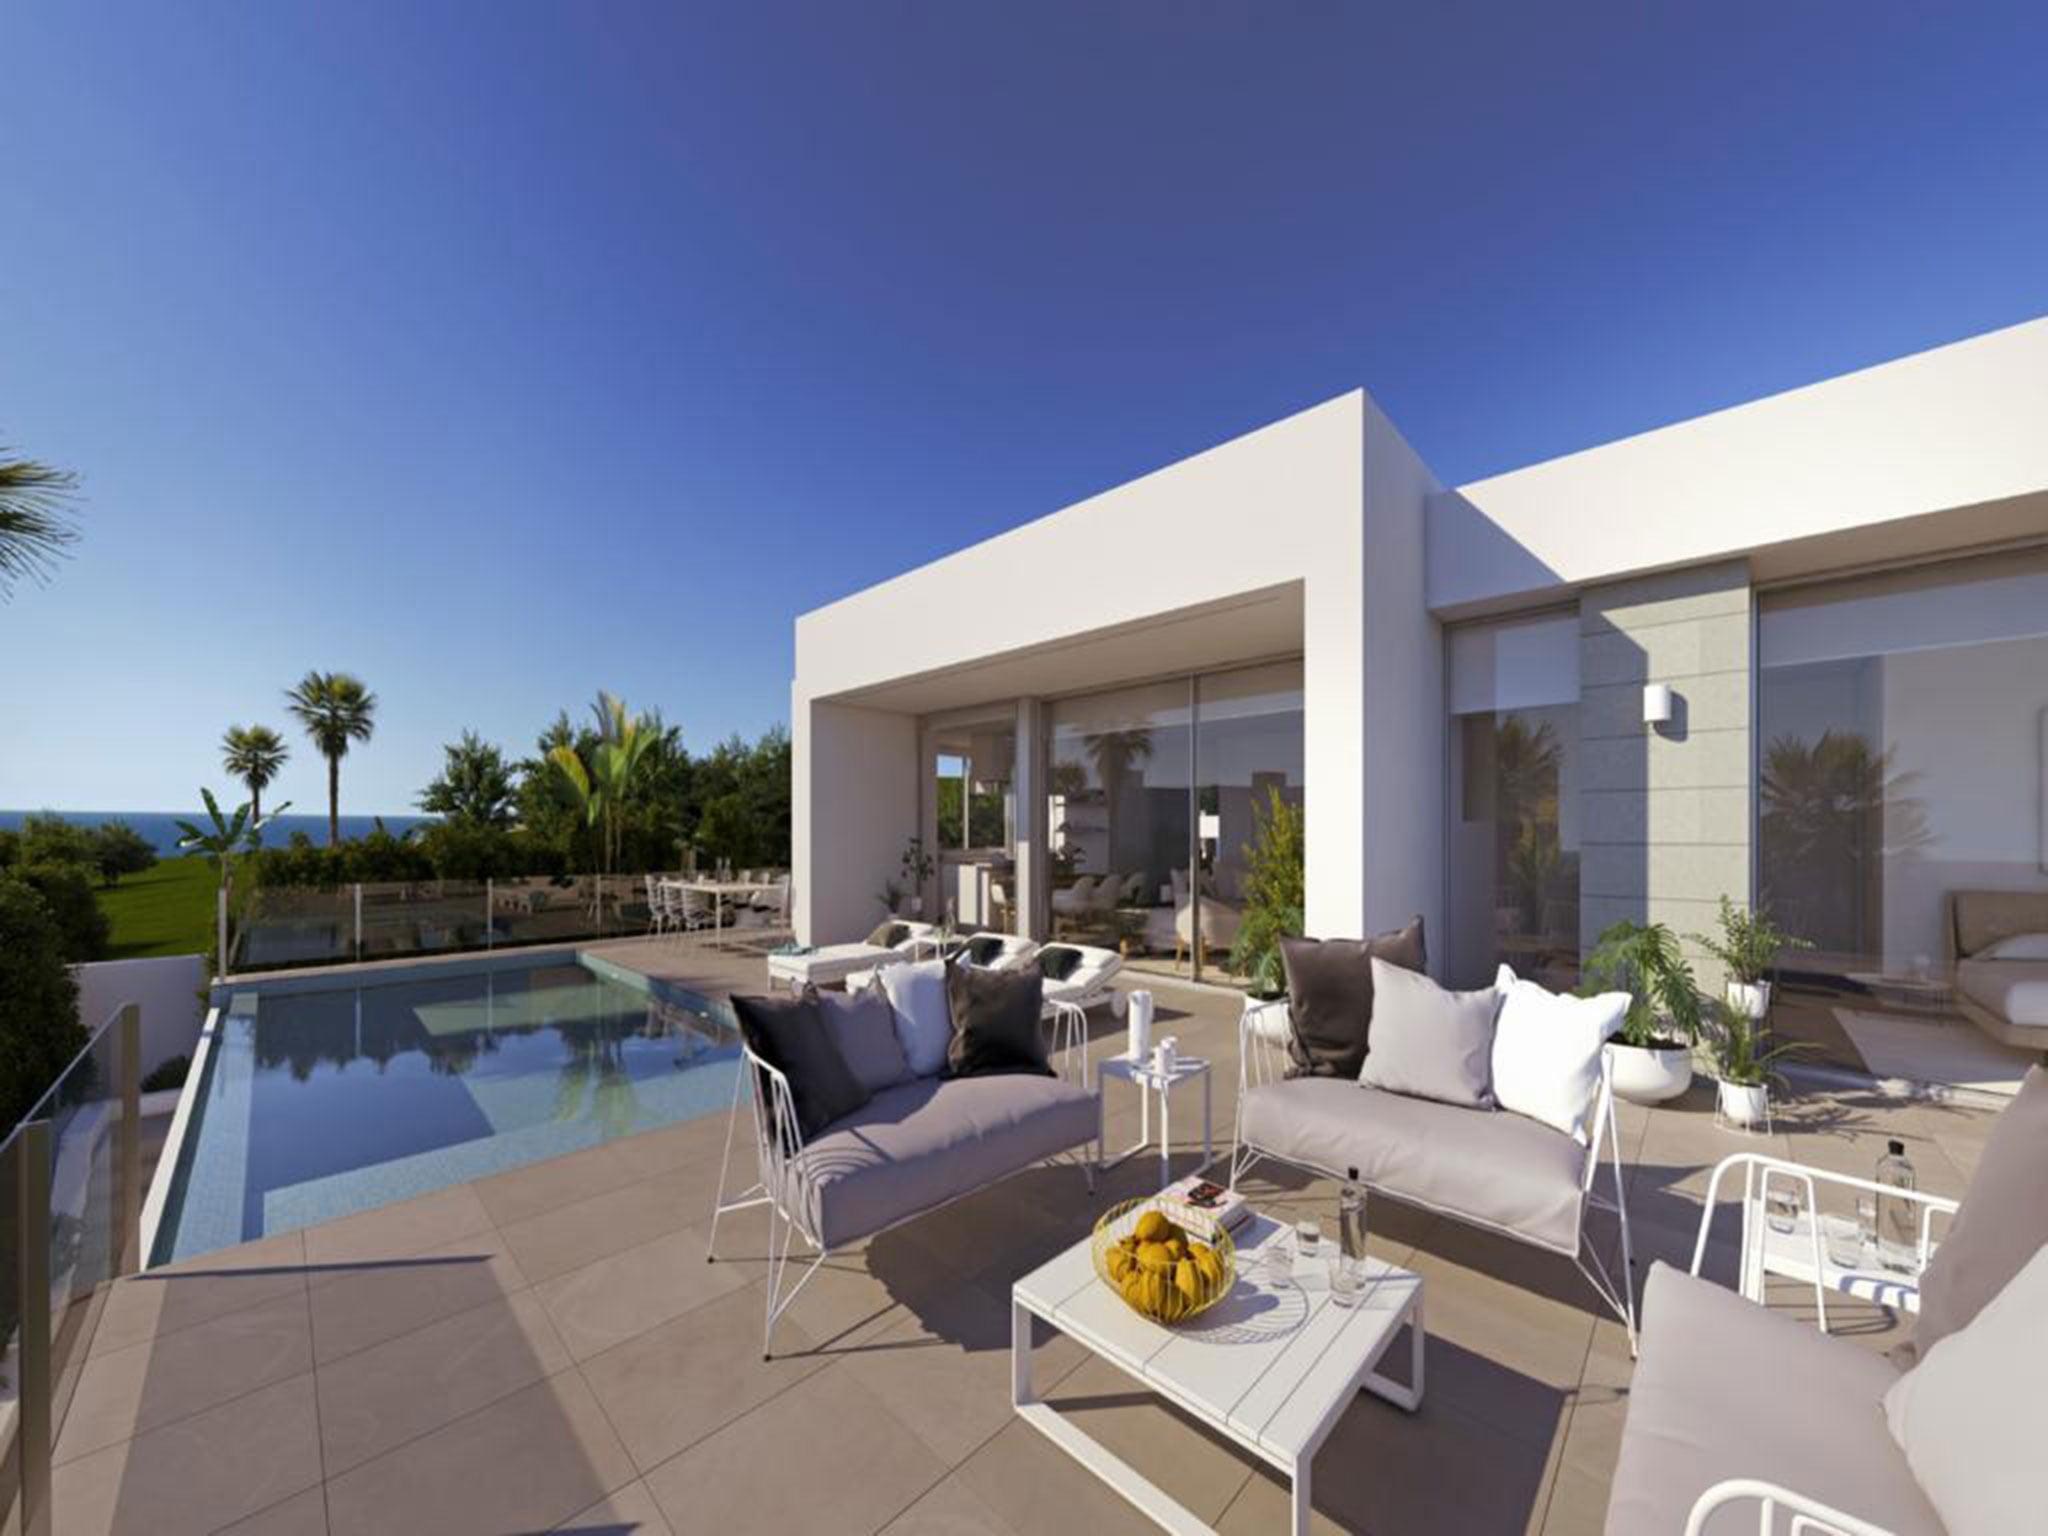 Terraza y entorno de la piscina en una villa de lujo en Cumbres del Sol – Atina Inmobiliaria